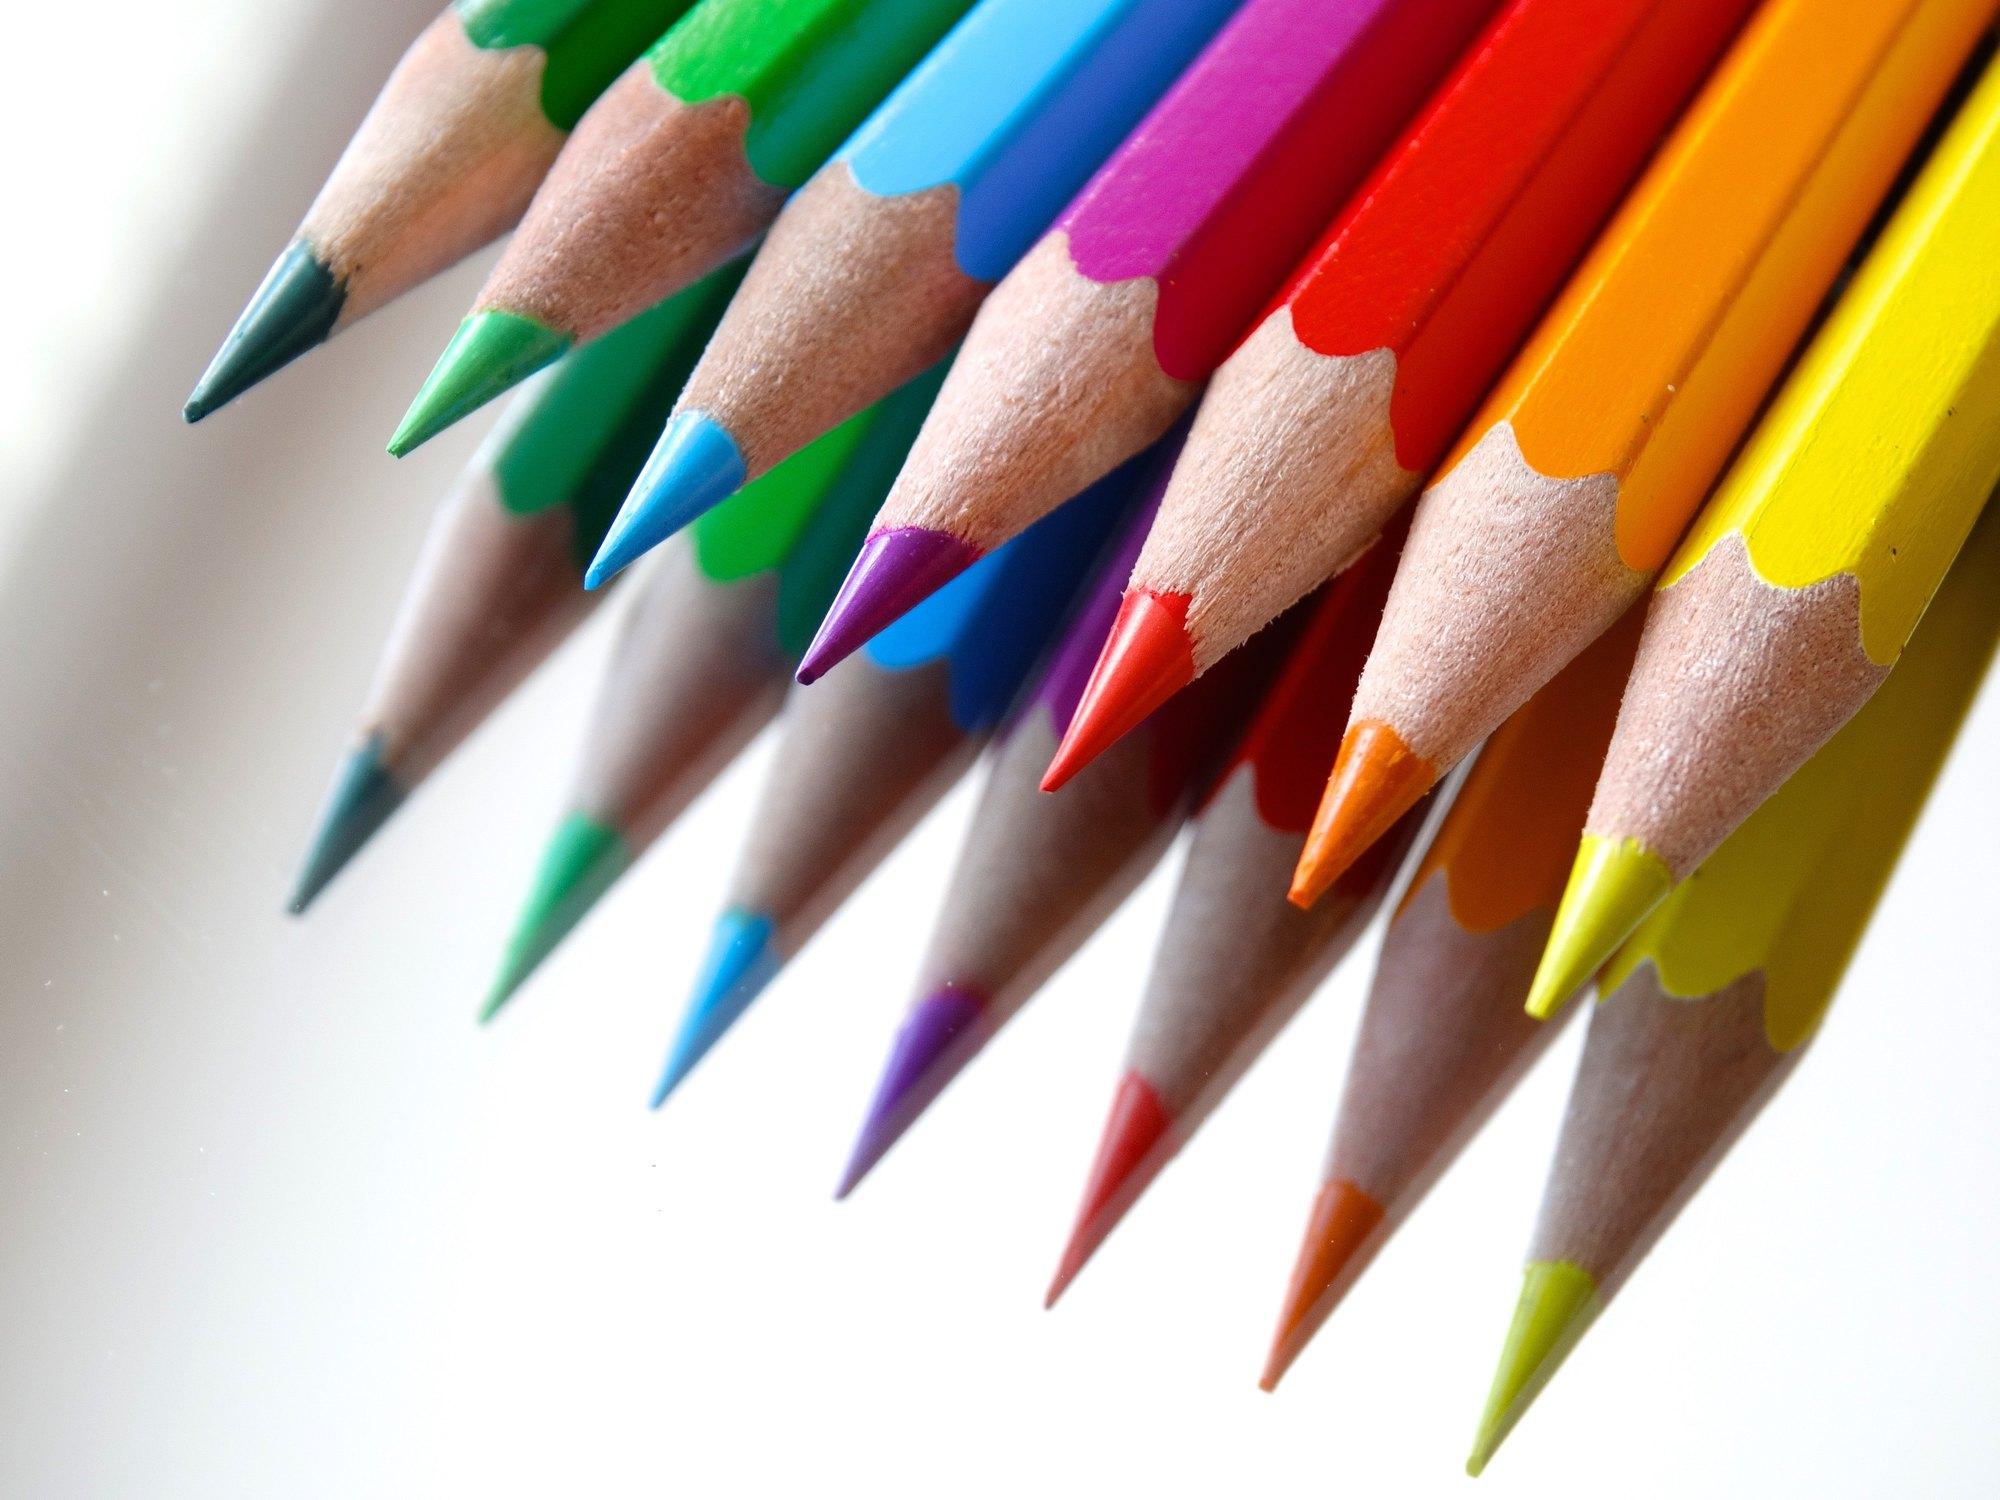 Scuola - Istruzione - Matite colorate Imc